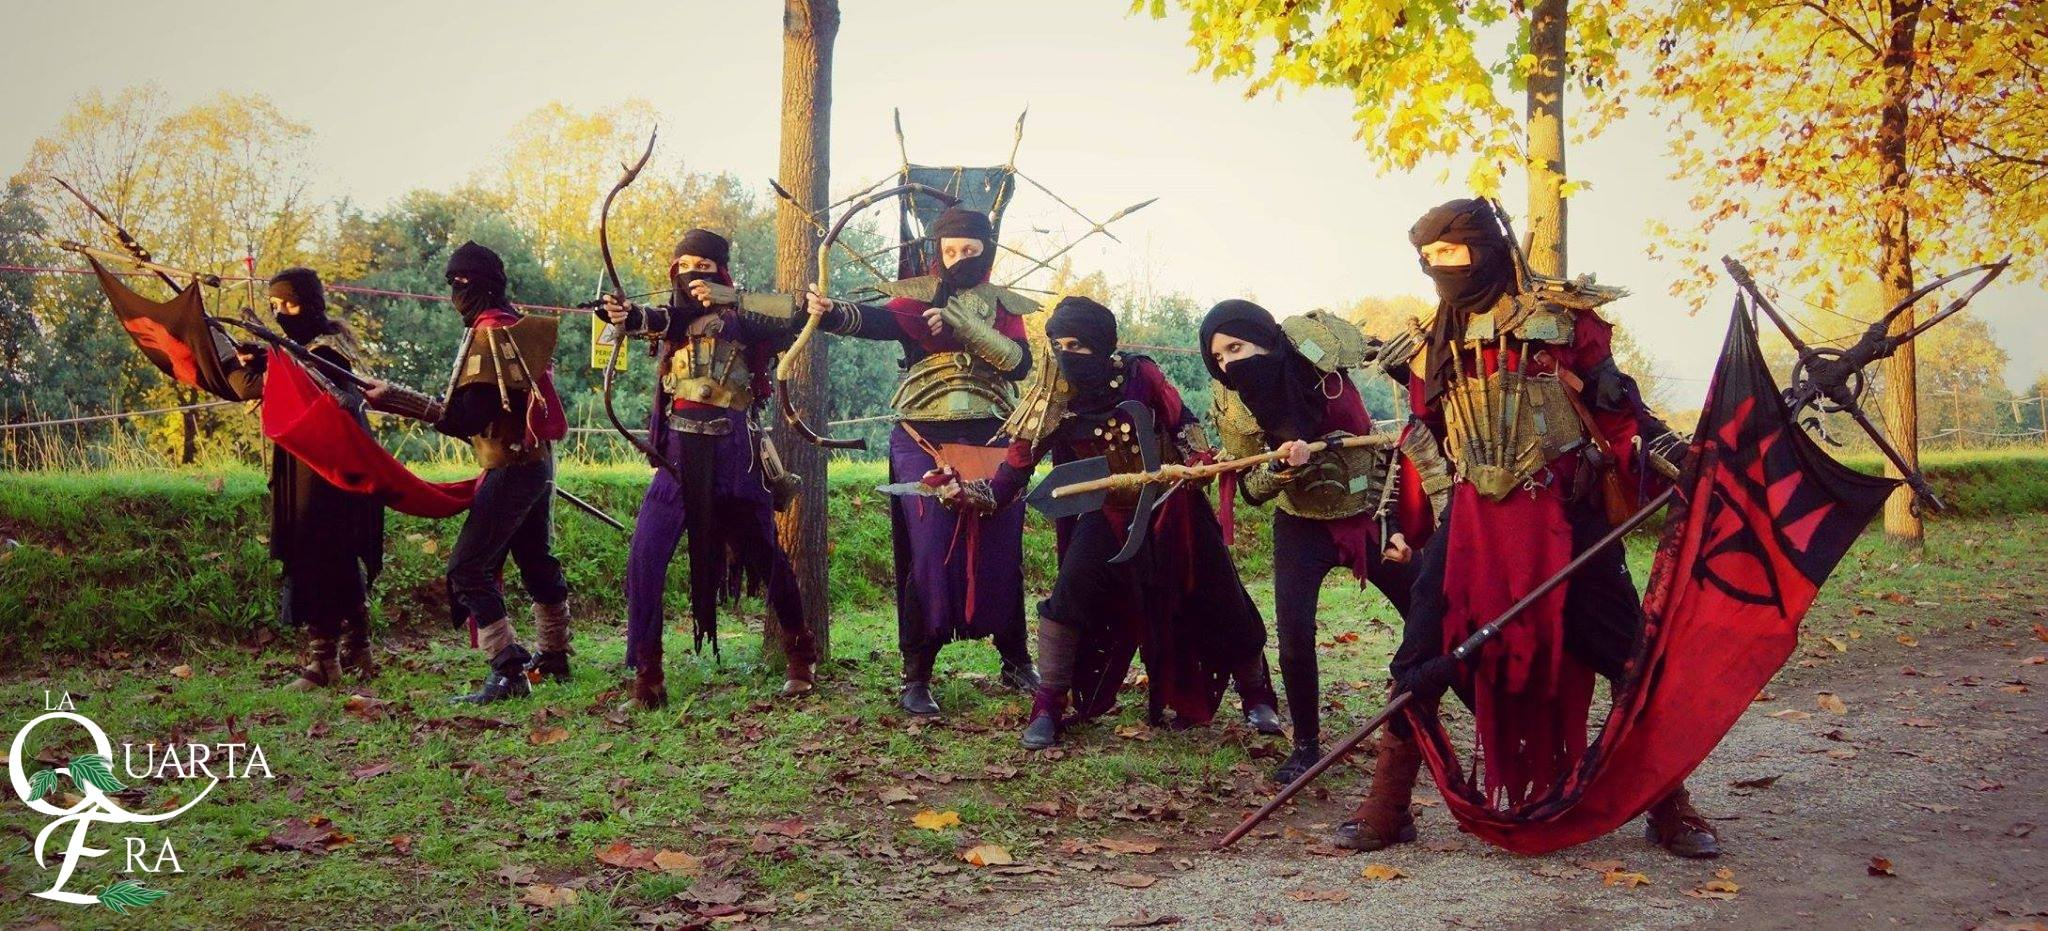 La Quarta Era - Legione Oscura - Haradrim